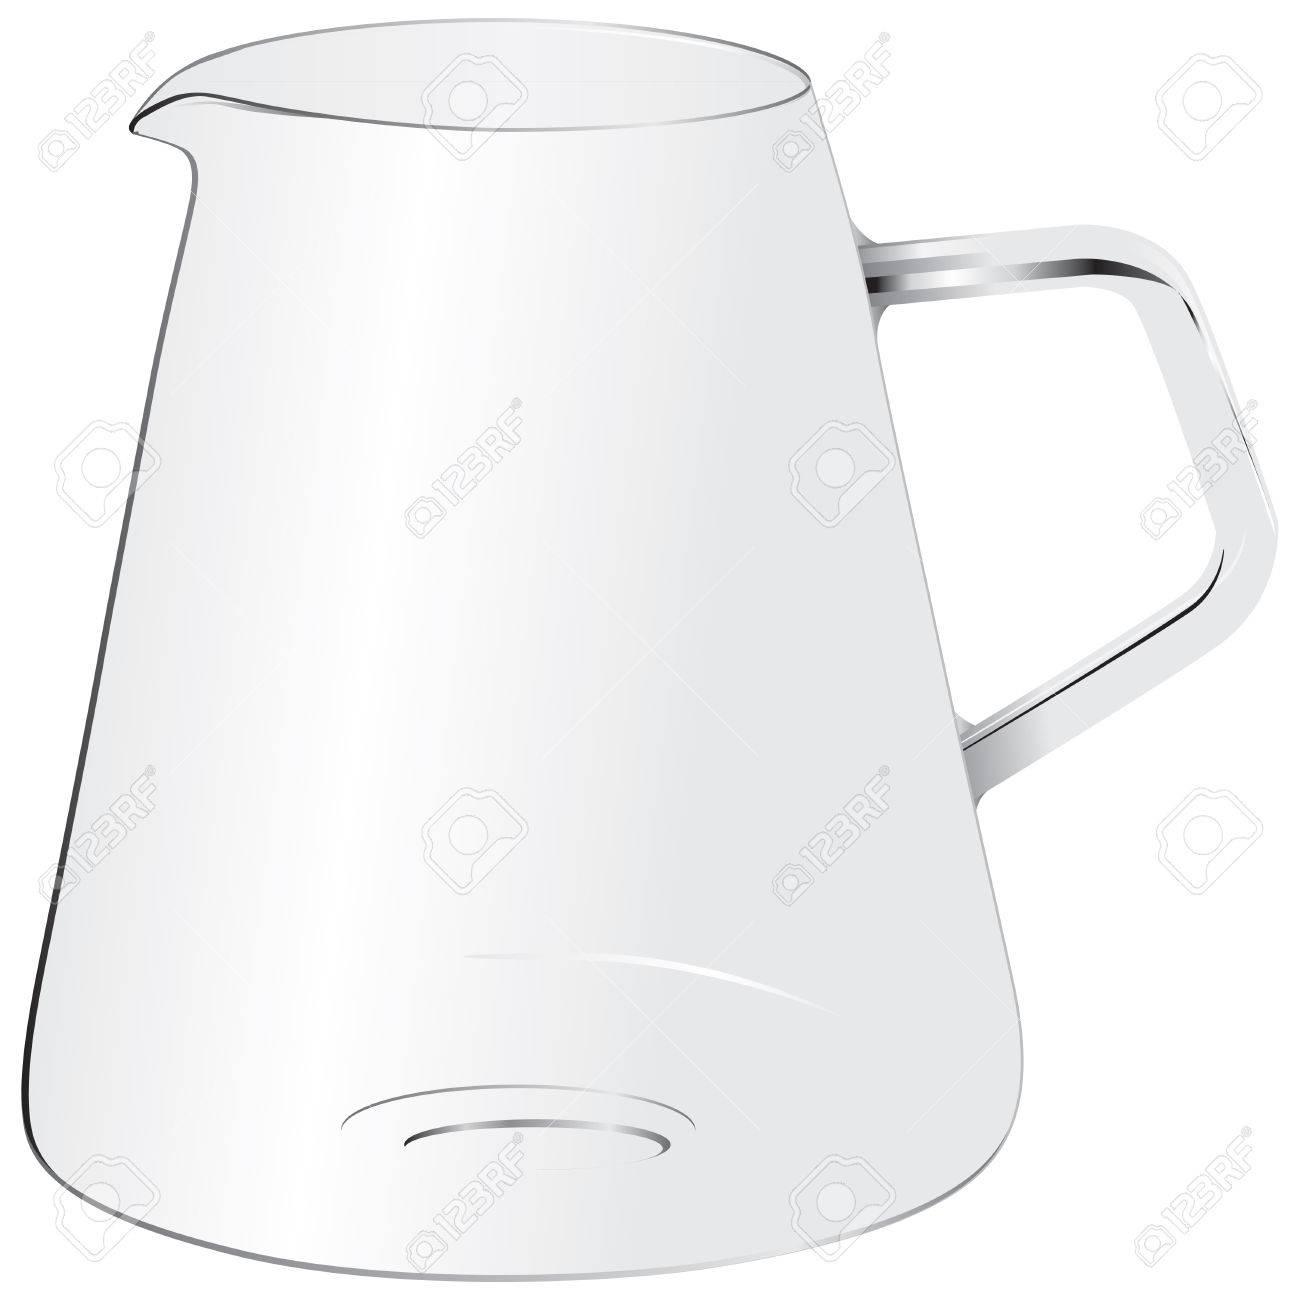 Glas Mit Griff Für Die Verwendung Als Küchengerät. Lizenzfrei ...